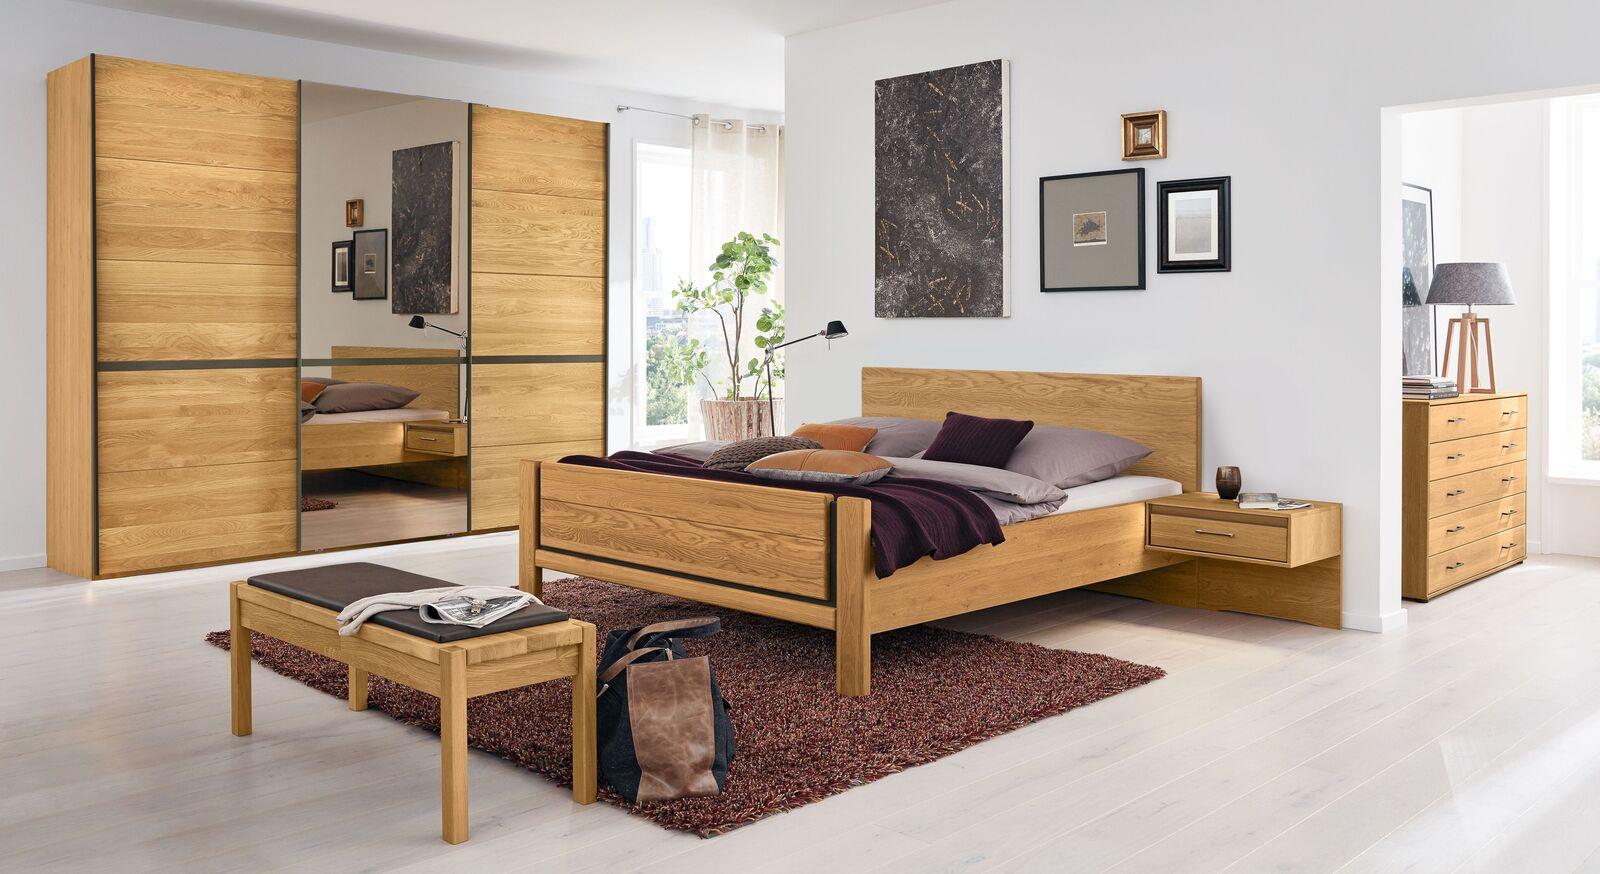 MUSTERRING Schlafzimmer Sorrent mit Bett und Schwebetürenschrank